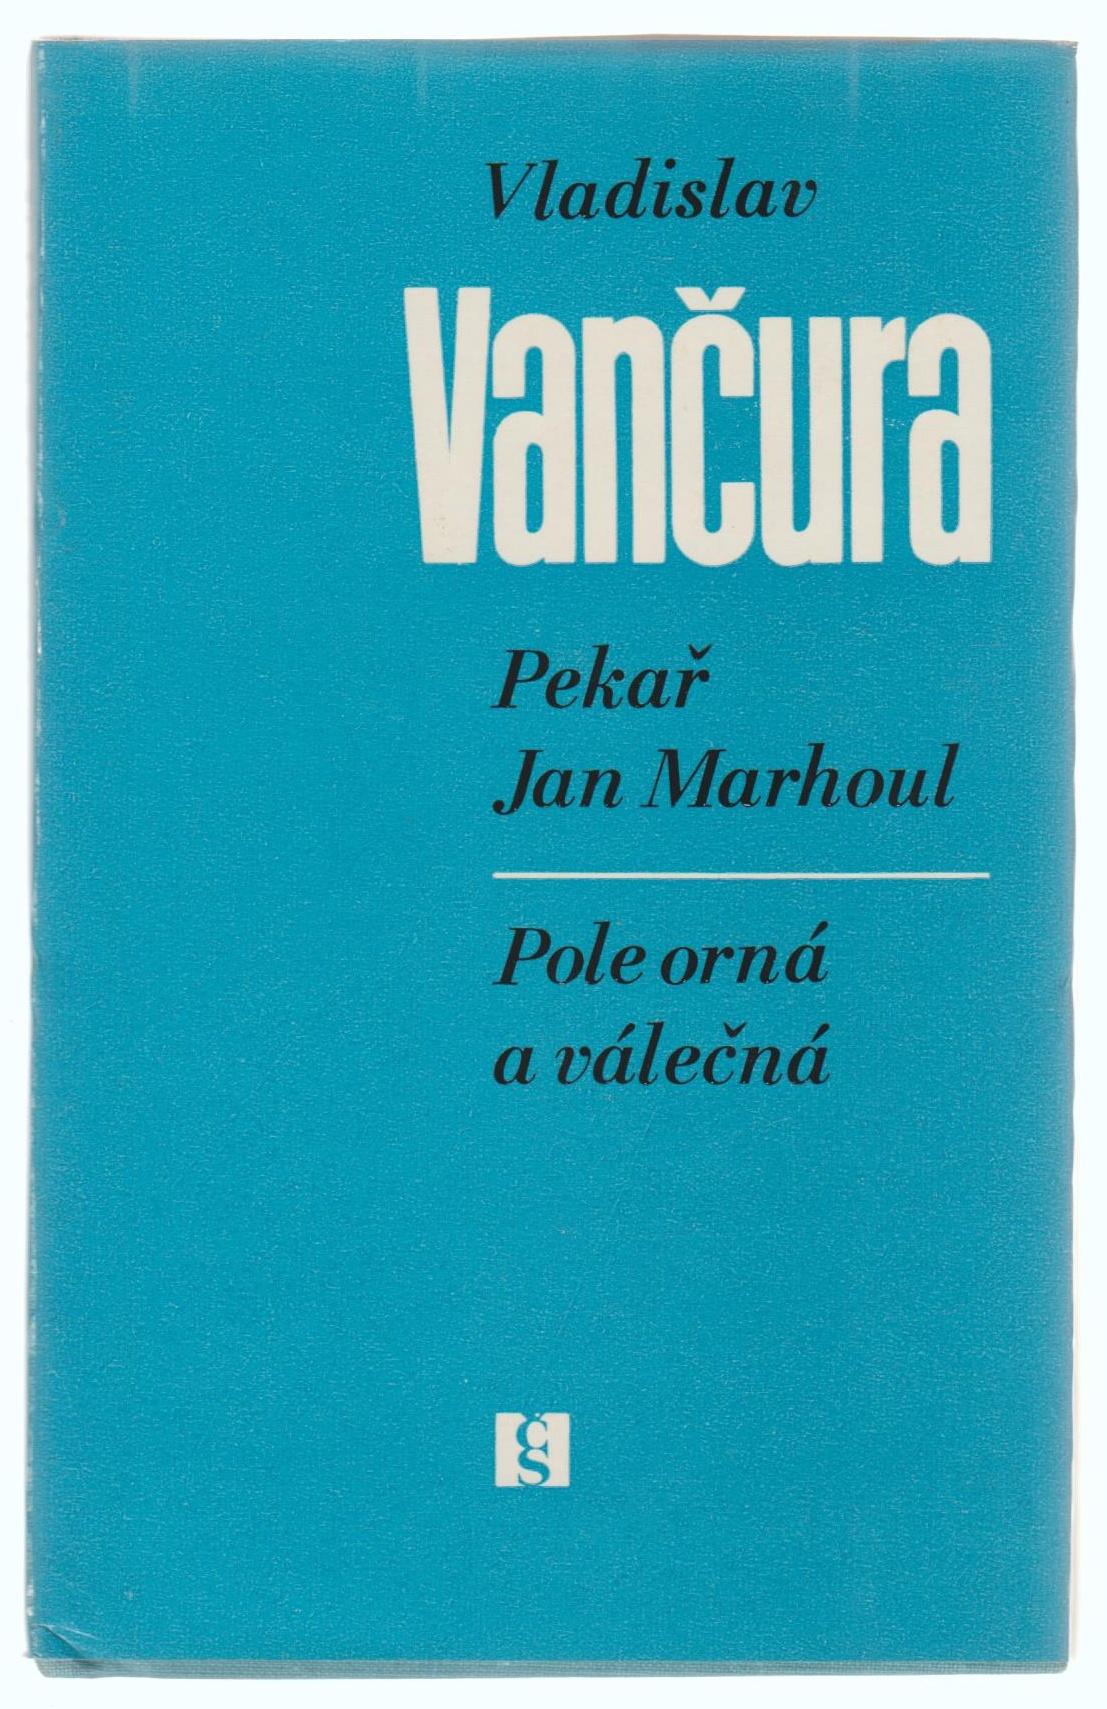 Pekař Jan Marhoul, Pole orná a válečná - Vladislav Vančura